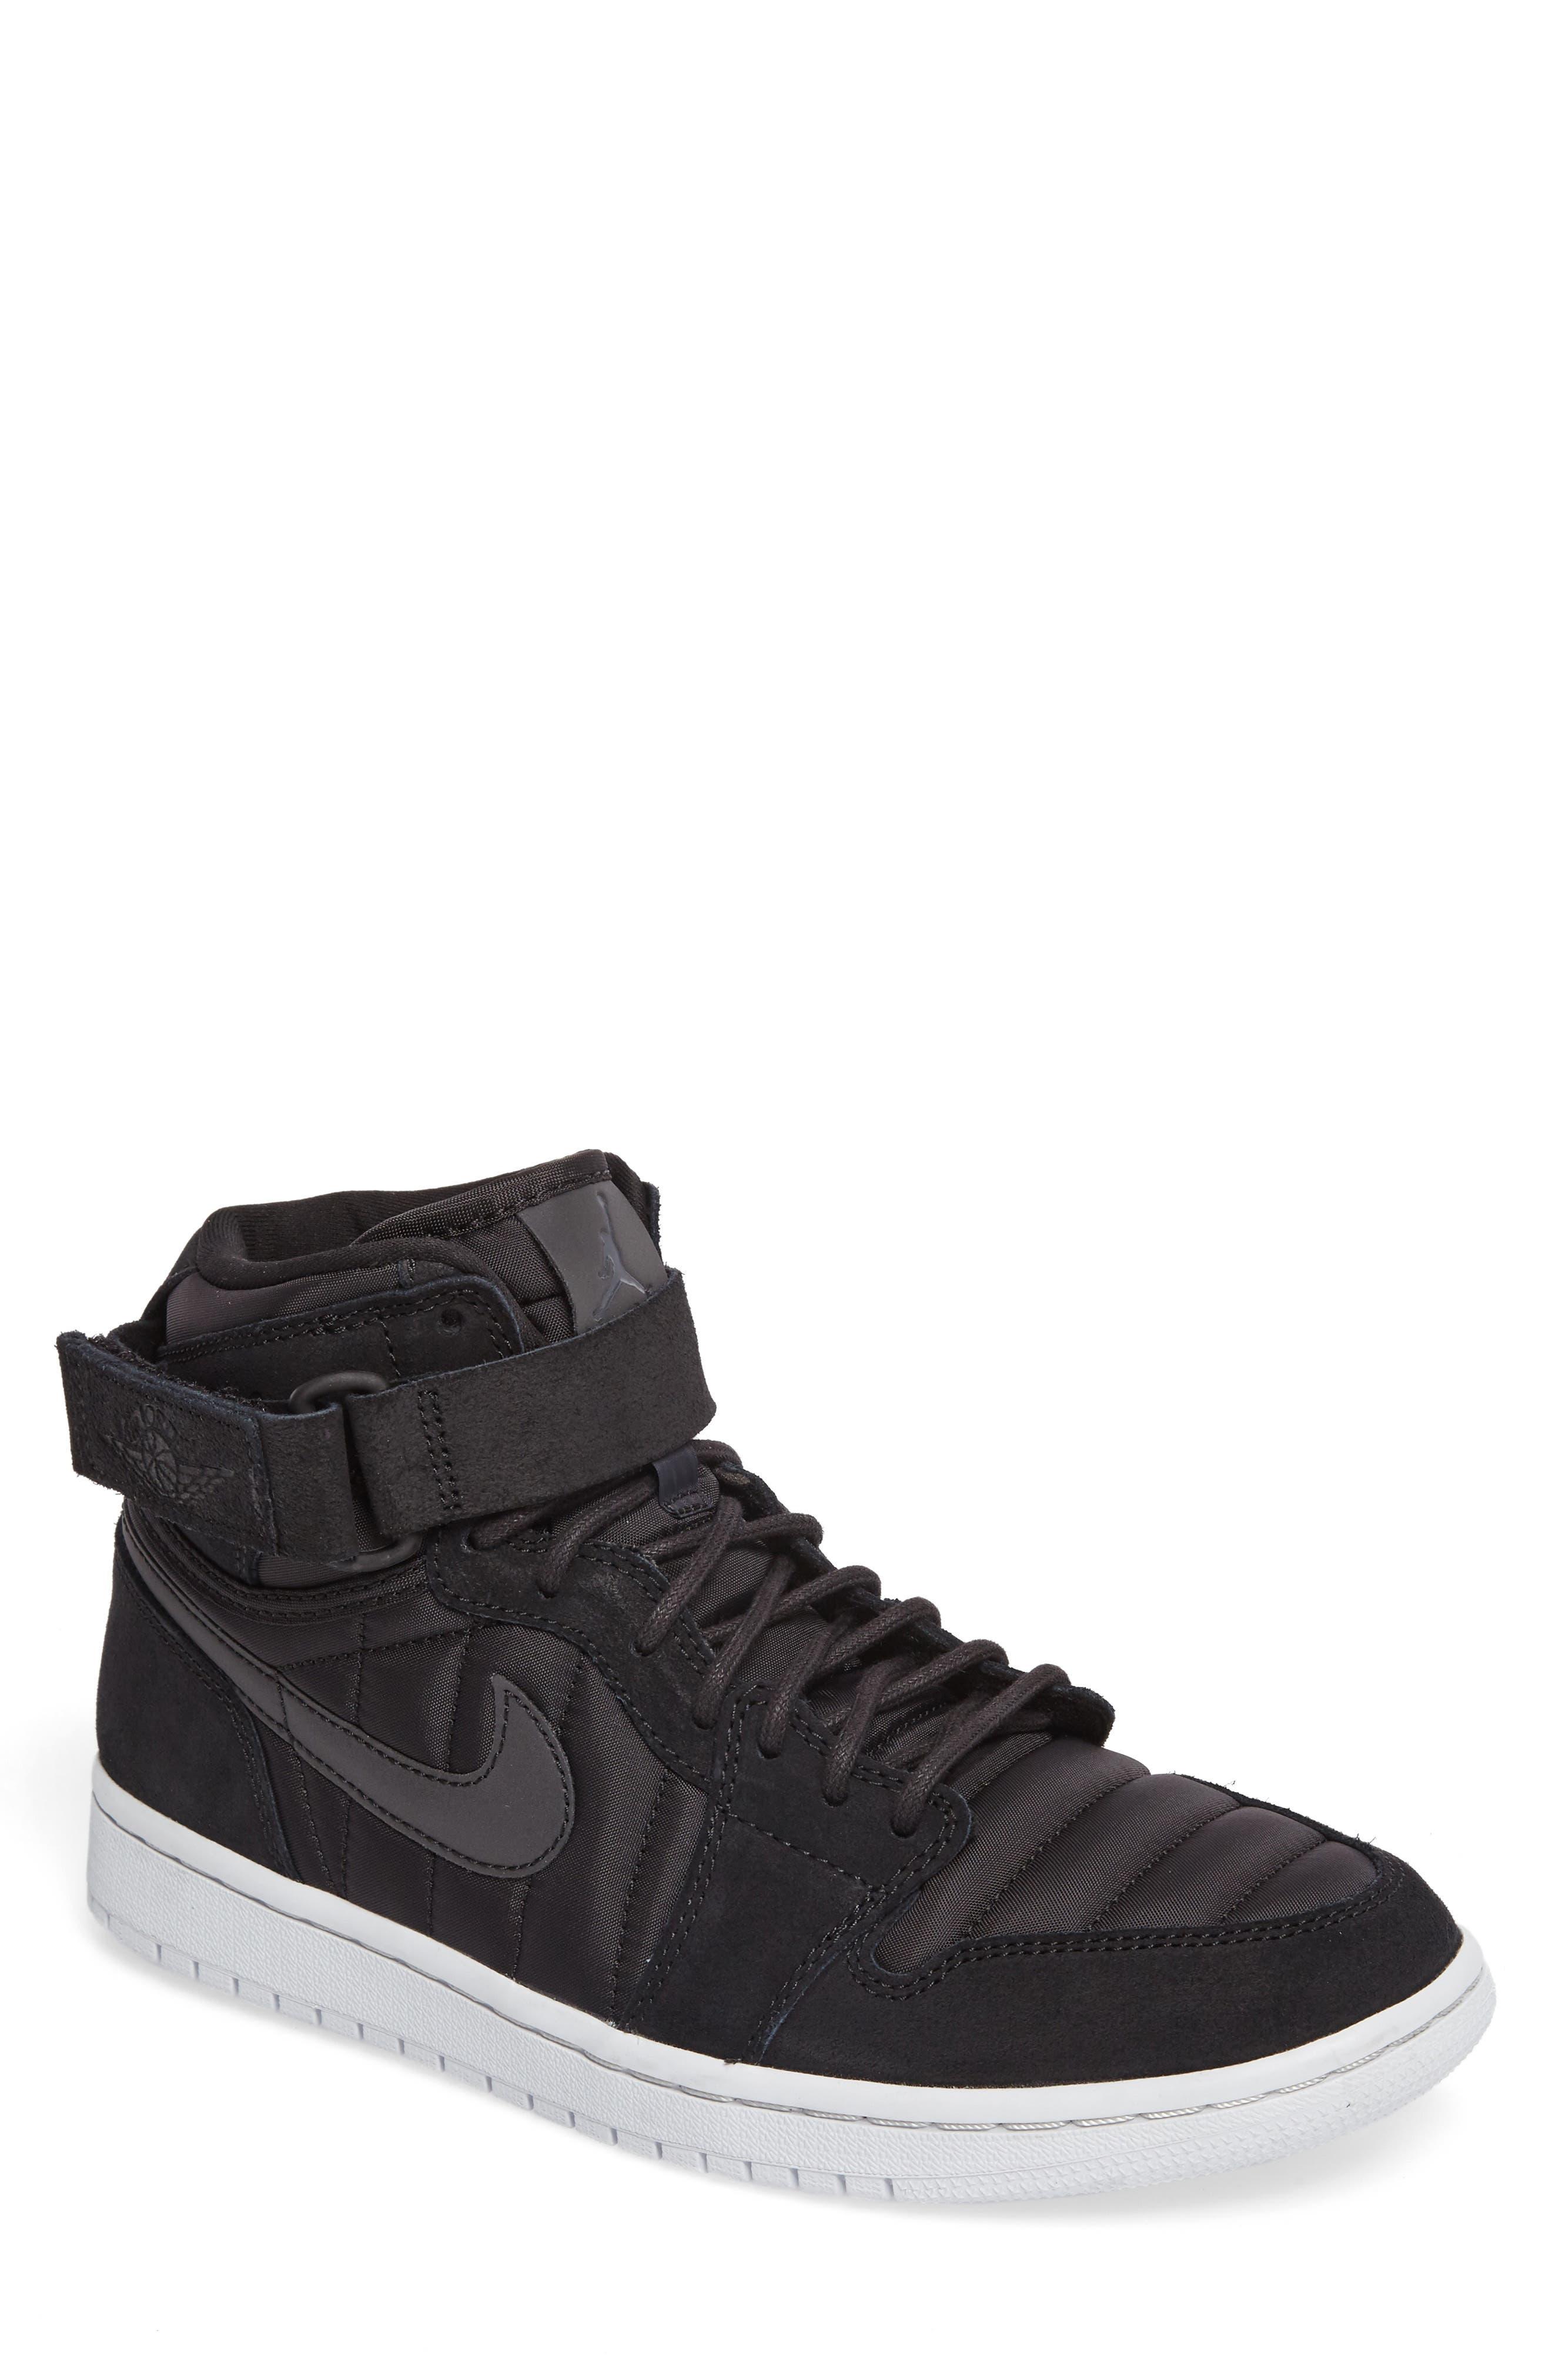 Air Jordan 1 Sneaker,                         Main,                         color, 004